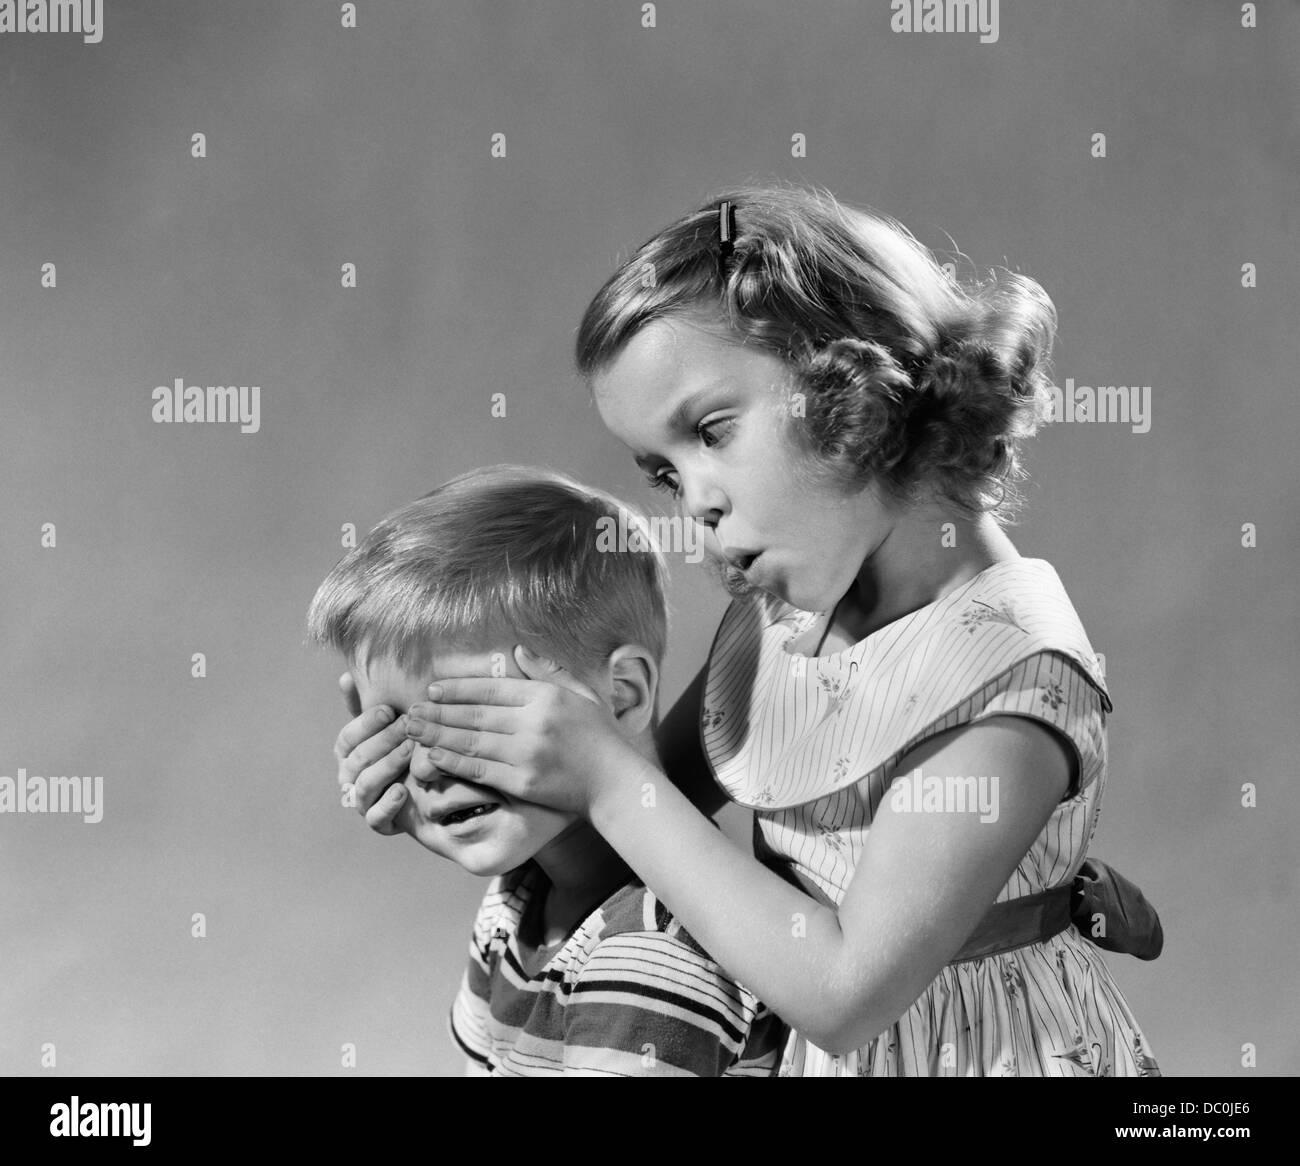 Anni Cinquanta anni sessanta indovinare chi ragazza trattiene la sua mano sopra gli occhi dei ragazzi ciechi eccitante Immagini Stock